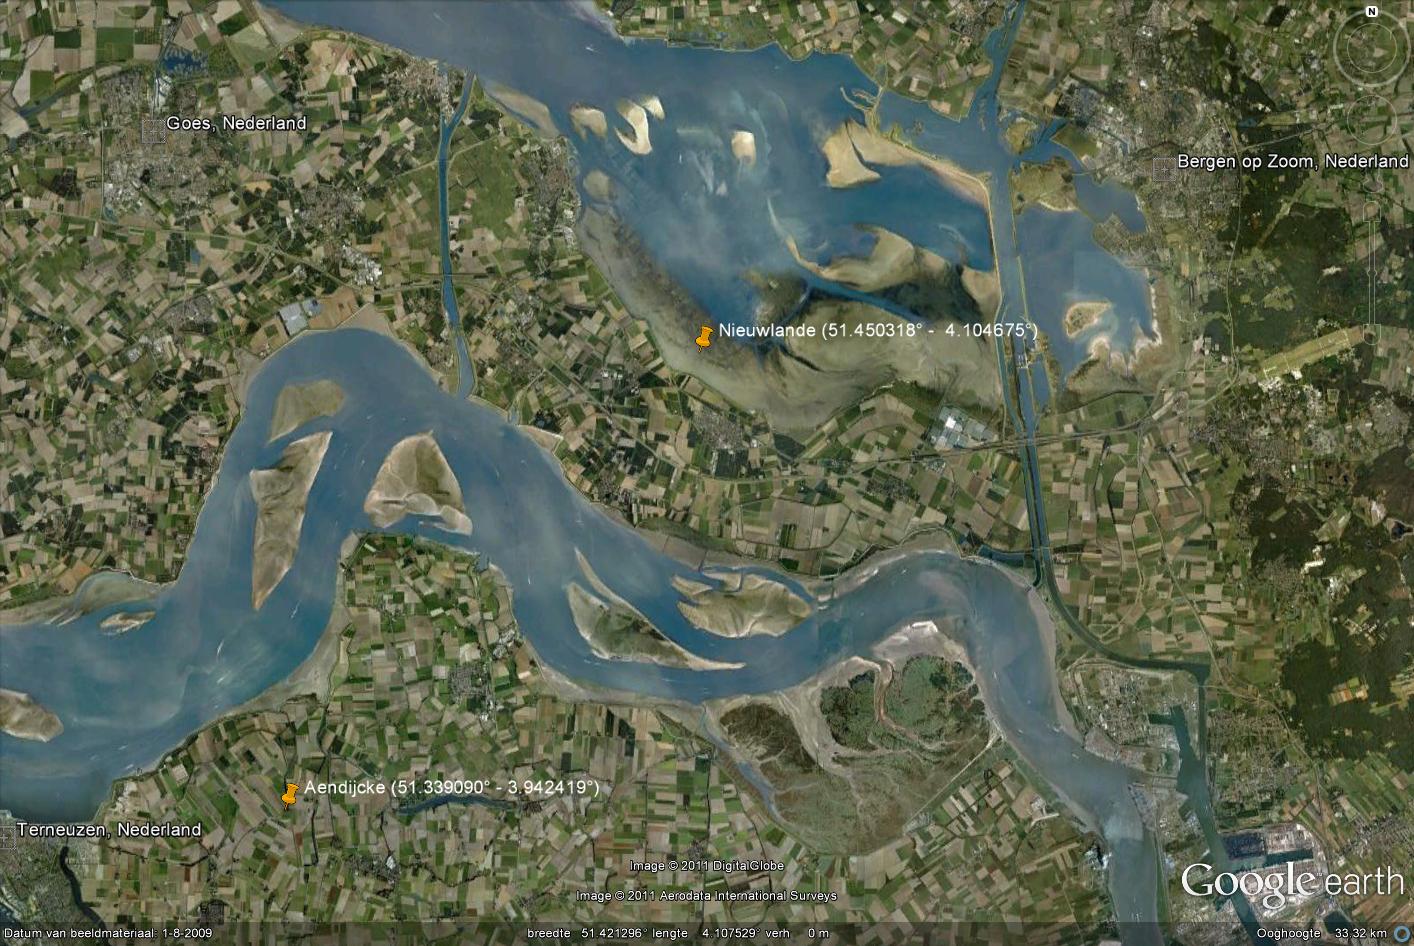 Detail van de Scheldemonding met aanduiding van Aendijcke en Nieuwlande (Google Earth).